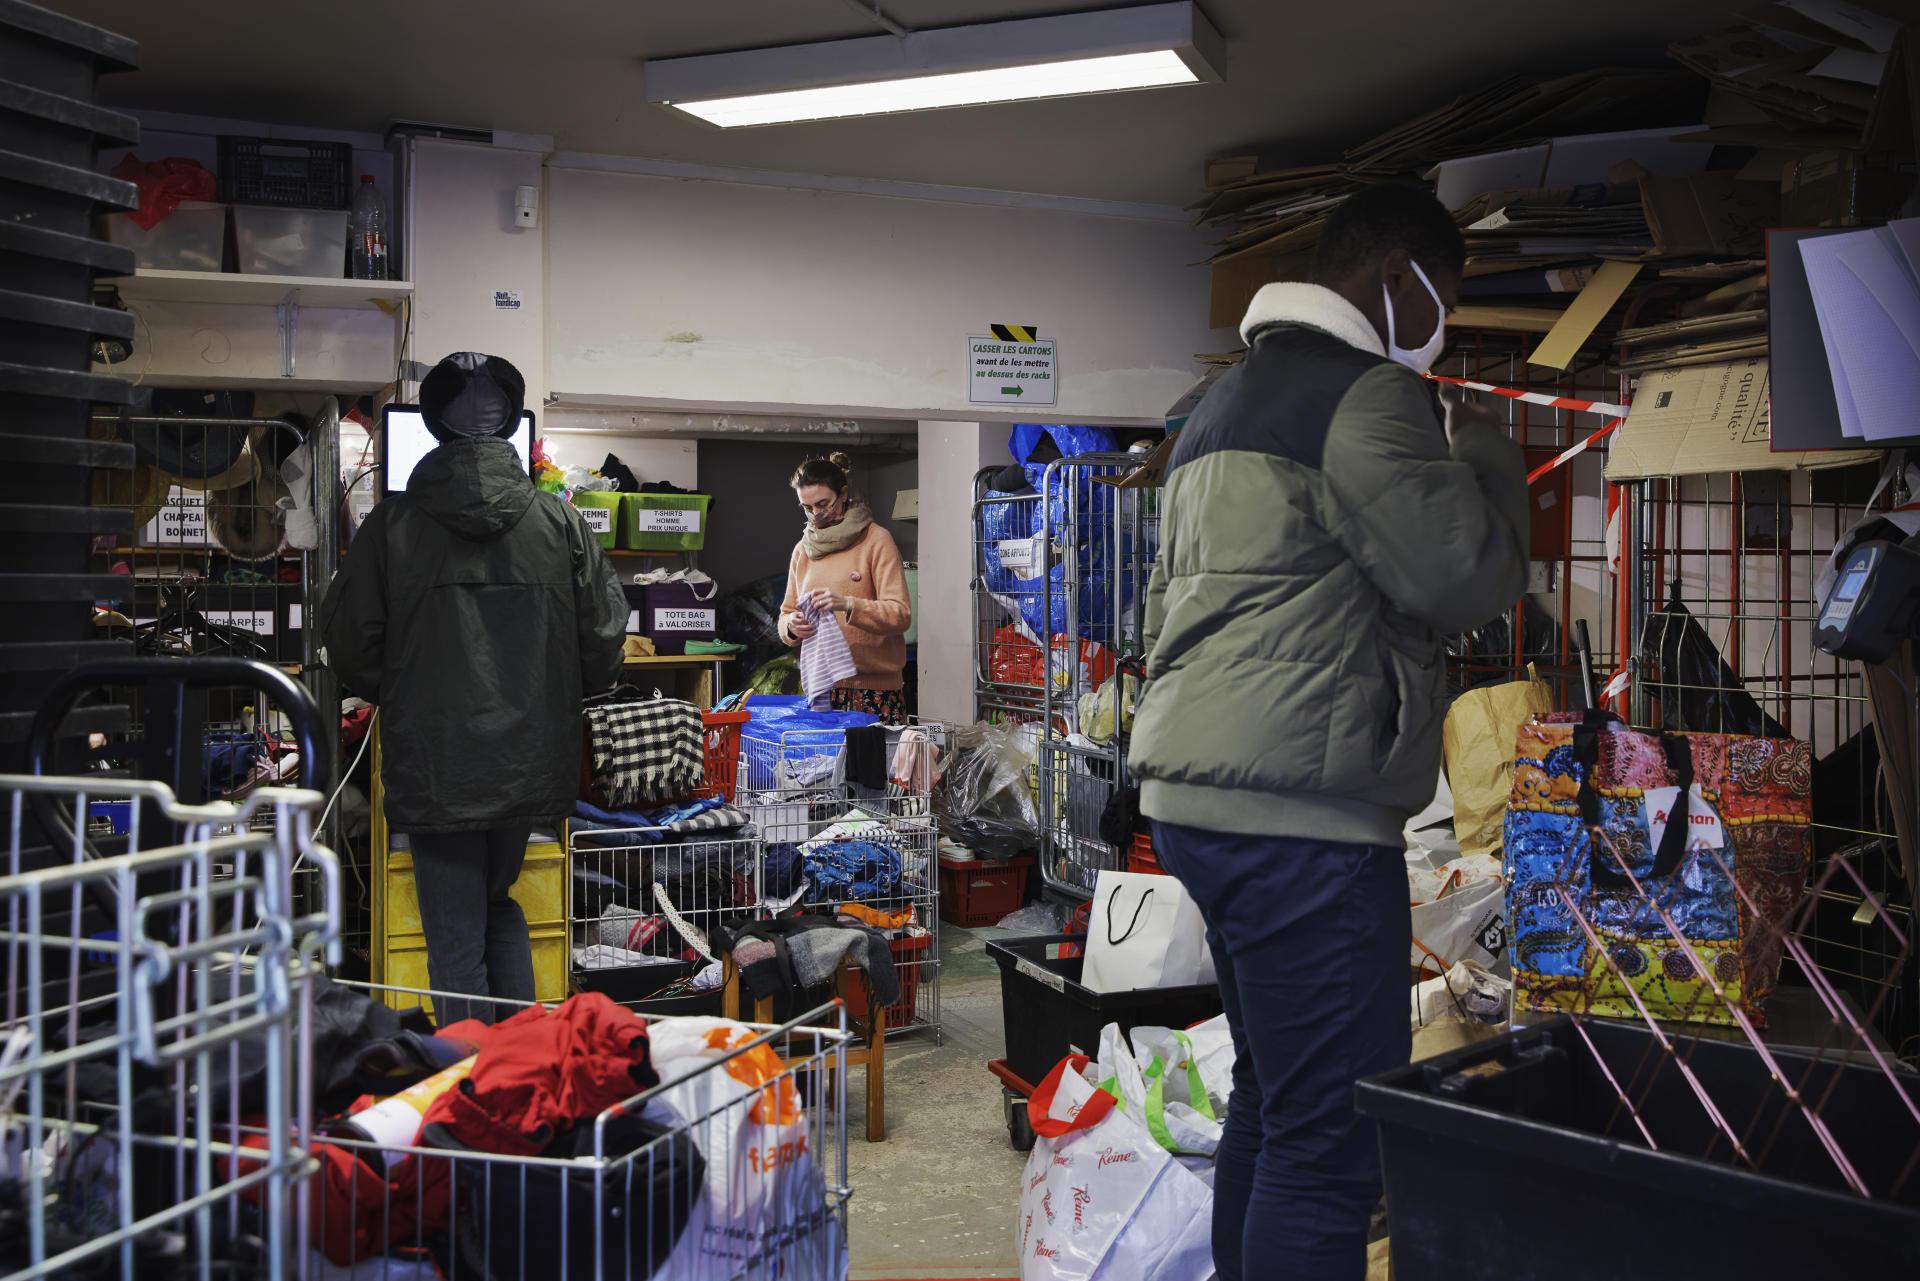 Première phase du circuit de récupération des dons : la pesée des articles, le 10 décembre. La Ressourcerie des Batignolles, à Paris, en reçoit jusqu'à 4 tonnes chaque jour depuis la fin du premier confinement en mai.